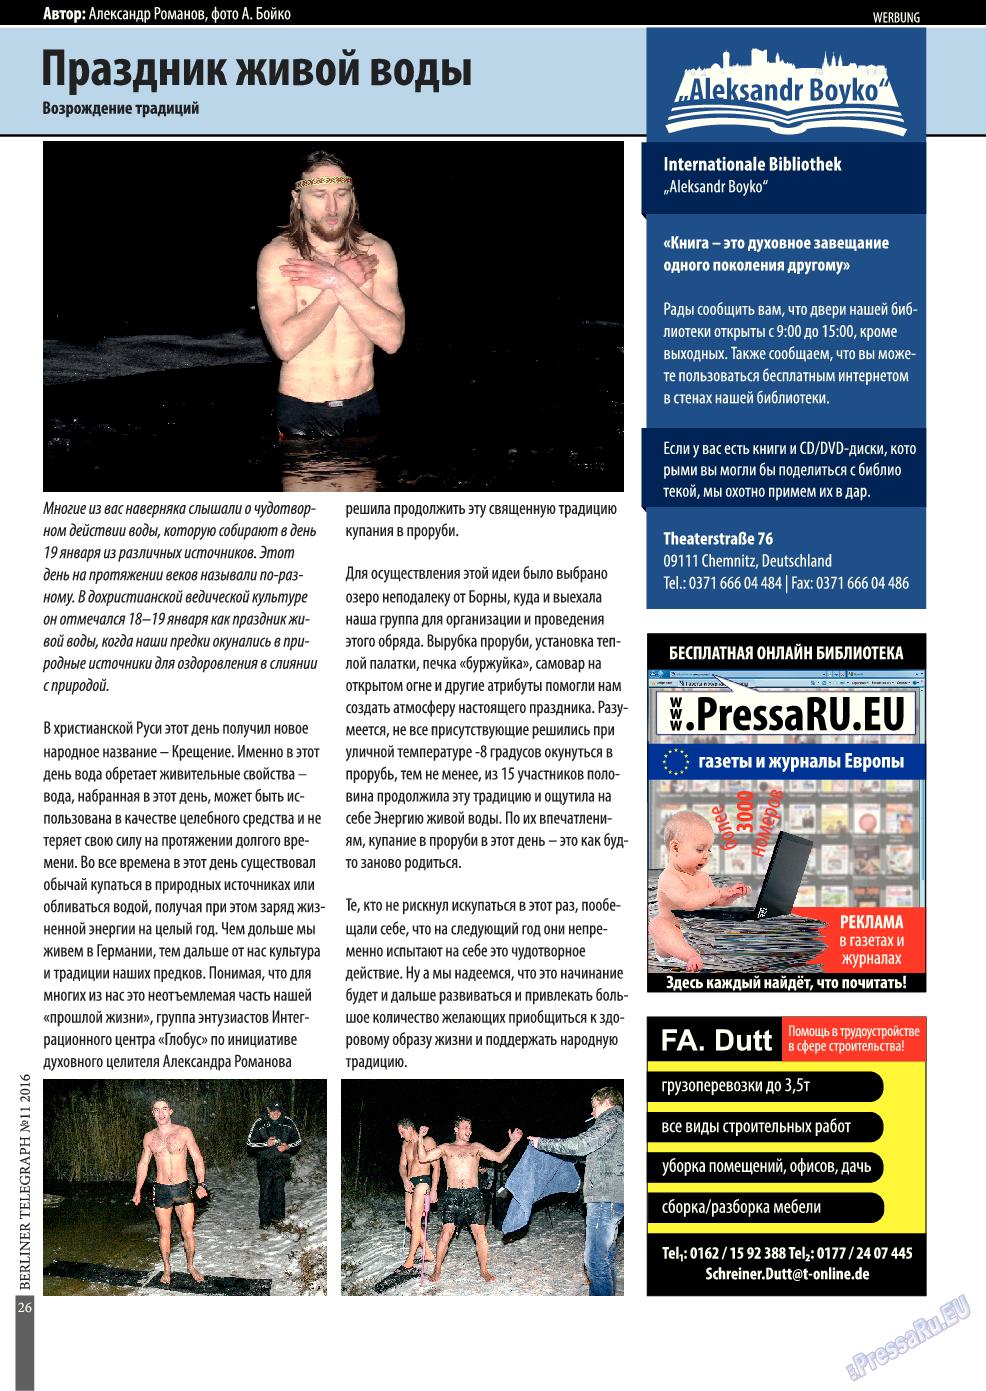 Берлинский телеграф (журнал). 2016 год, номер 11, стр. 26